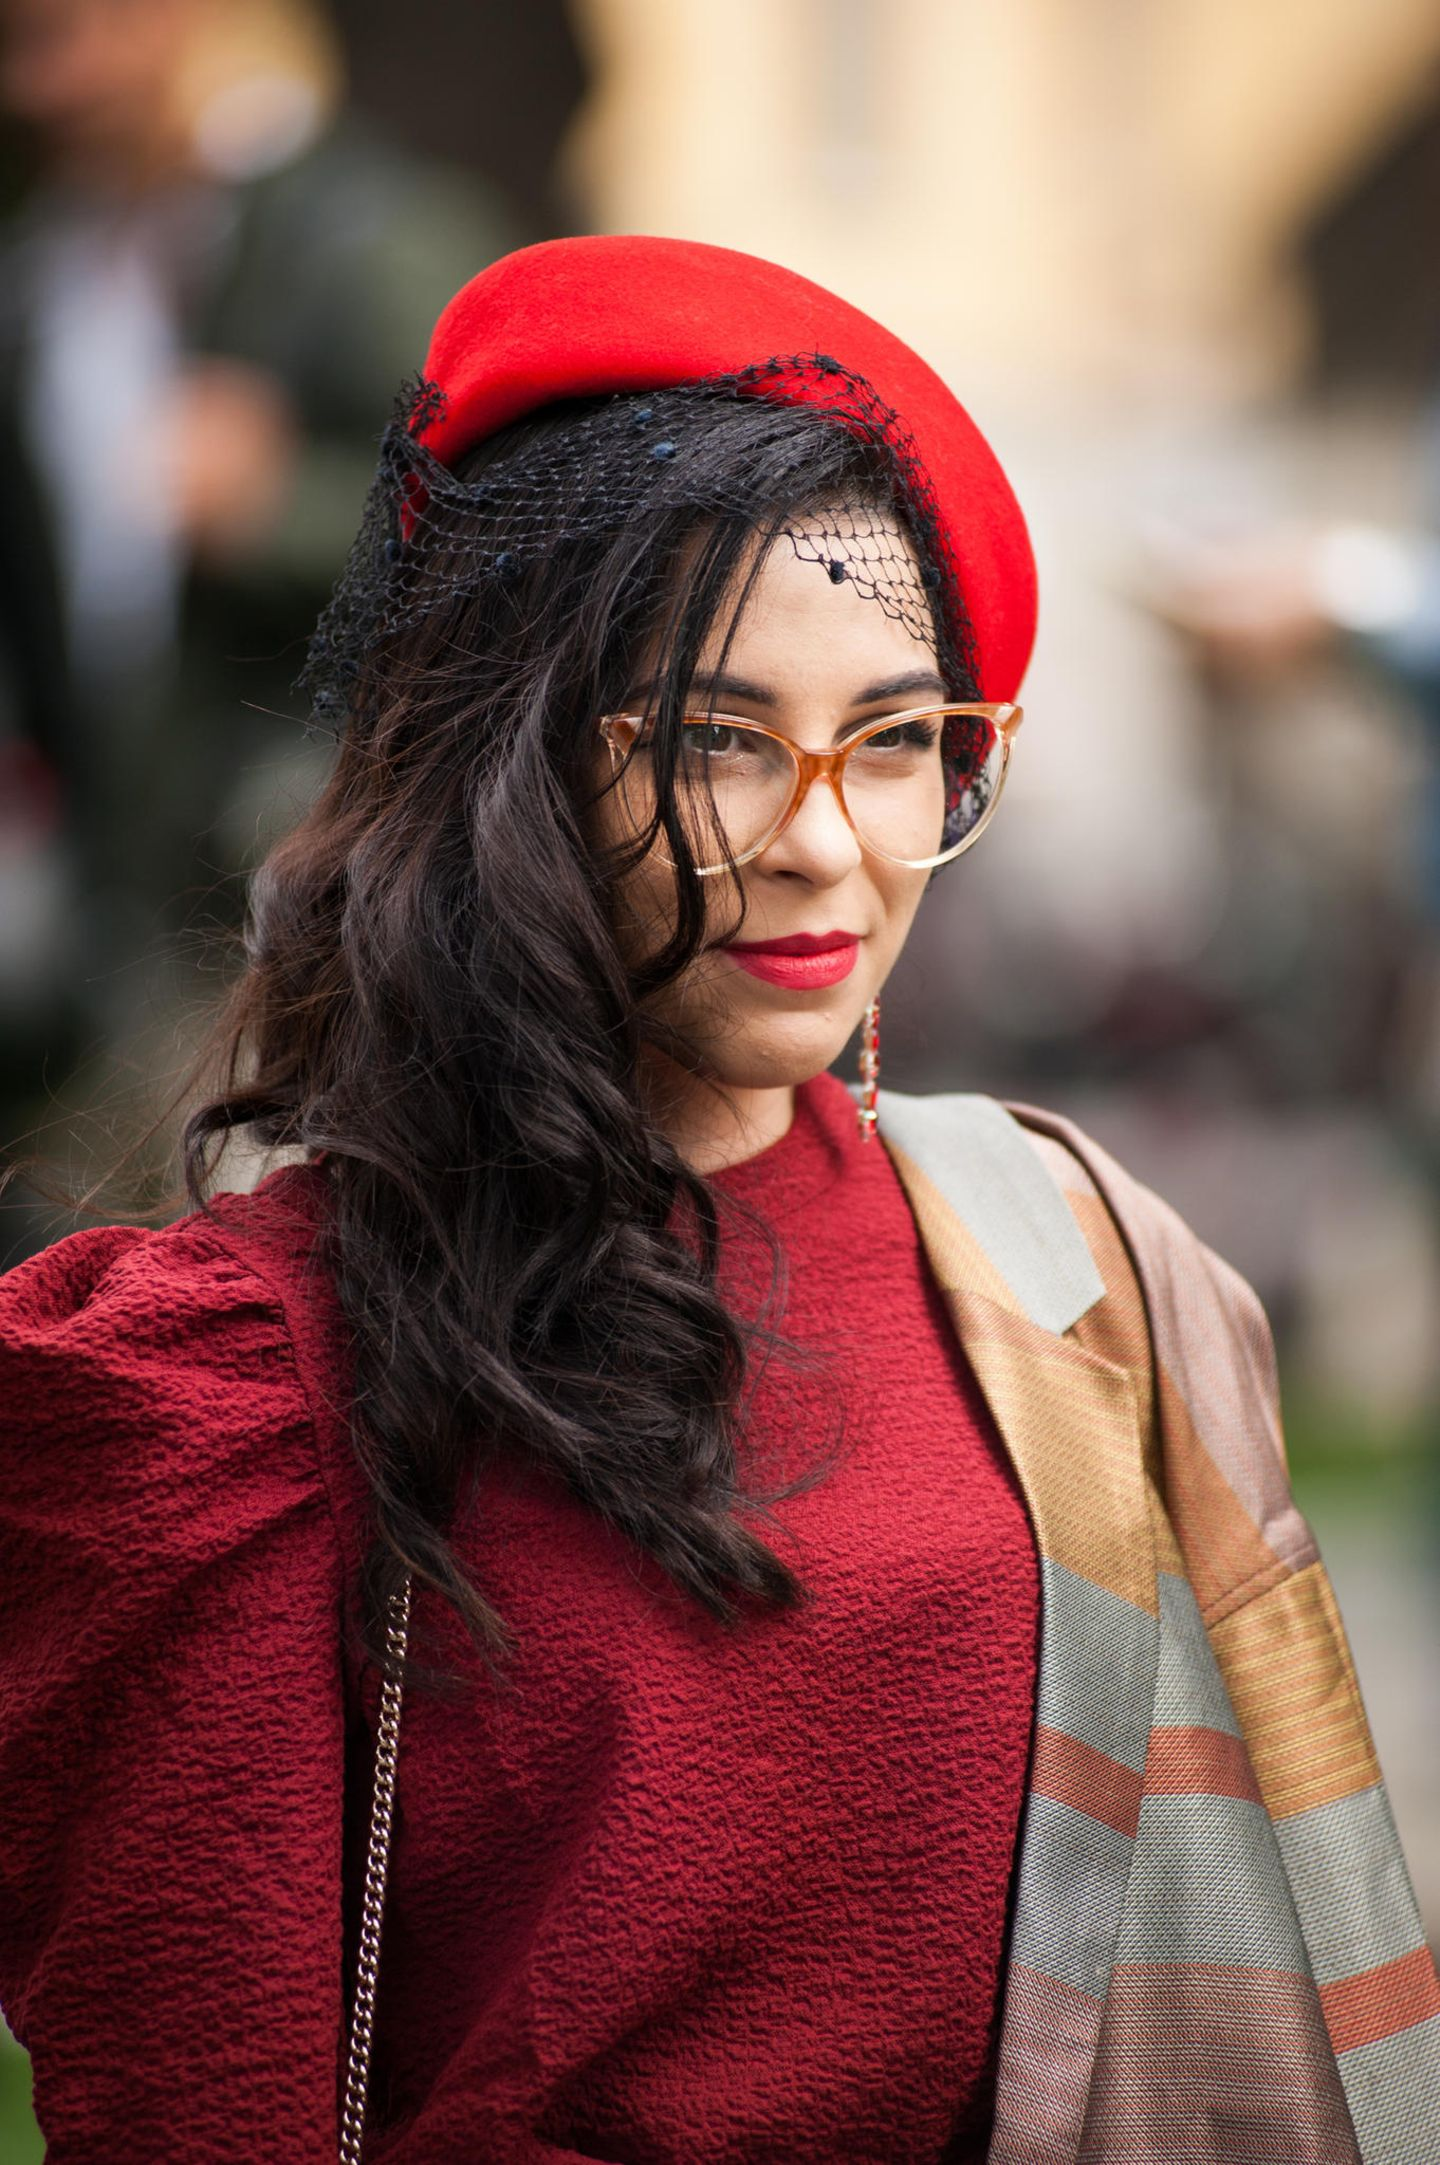 Winter-Frisuren: Frau mit rotem Hut